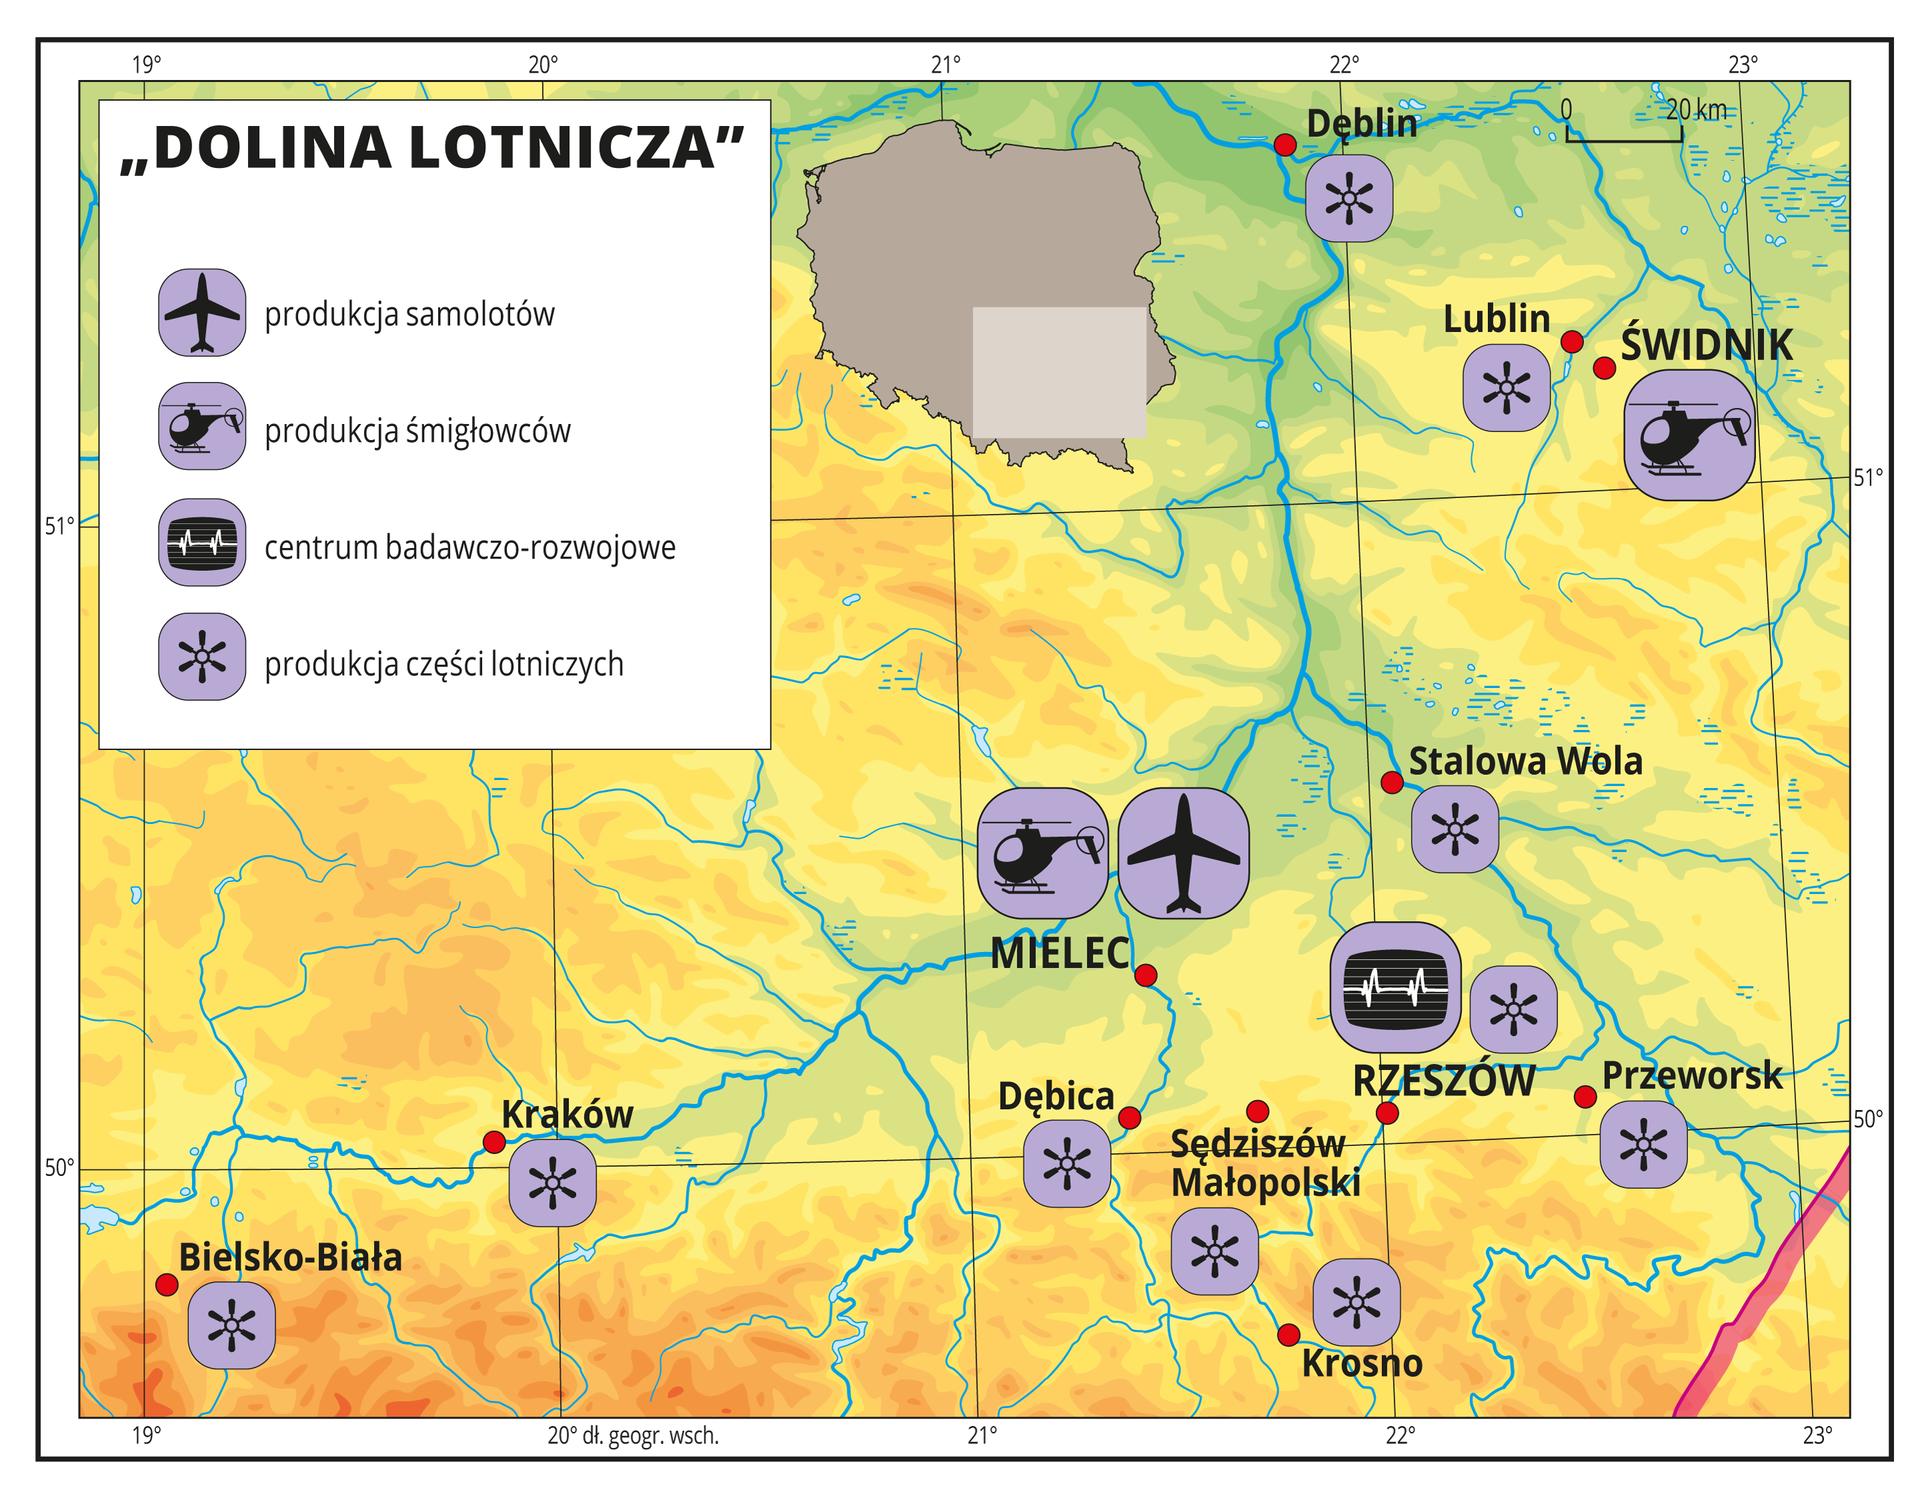 INa ilustracji przedstawiono dolinę lotniczą zlokalizowaną wpołudniowo-wschodniej Polsce wrejonie Rzeszowa. Na mapie za pomocą sygnatur przedstawiono koncentrację firm przemysłu lotniczego oraz centrum badawczo-rozwojowe. WMielcu jest fabryka samolotów iśmigłowców, awŚwidniku fabryka śmigłowców. Na mapie przedstawiono również dziesięć miast, wktórych występuje produkcja komponentów lotniczych.Mapa pokryta jest równoleżnikami ipołudnikami. Dookoła mapy wbiałej ramce opisano współrzędne geograficzne co jeden stopień.W legendzie mapy objaśniono znaki użyte na mapie: produkcja samolotów, produkcja śmigłowców, produkcja komponentów lotniczych, centrum badawczo-rozwojowe.